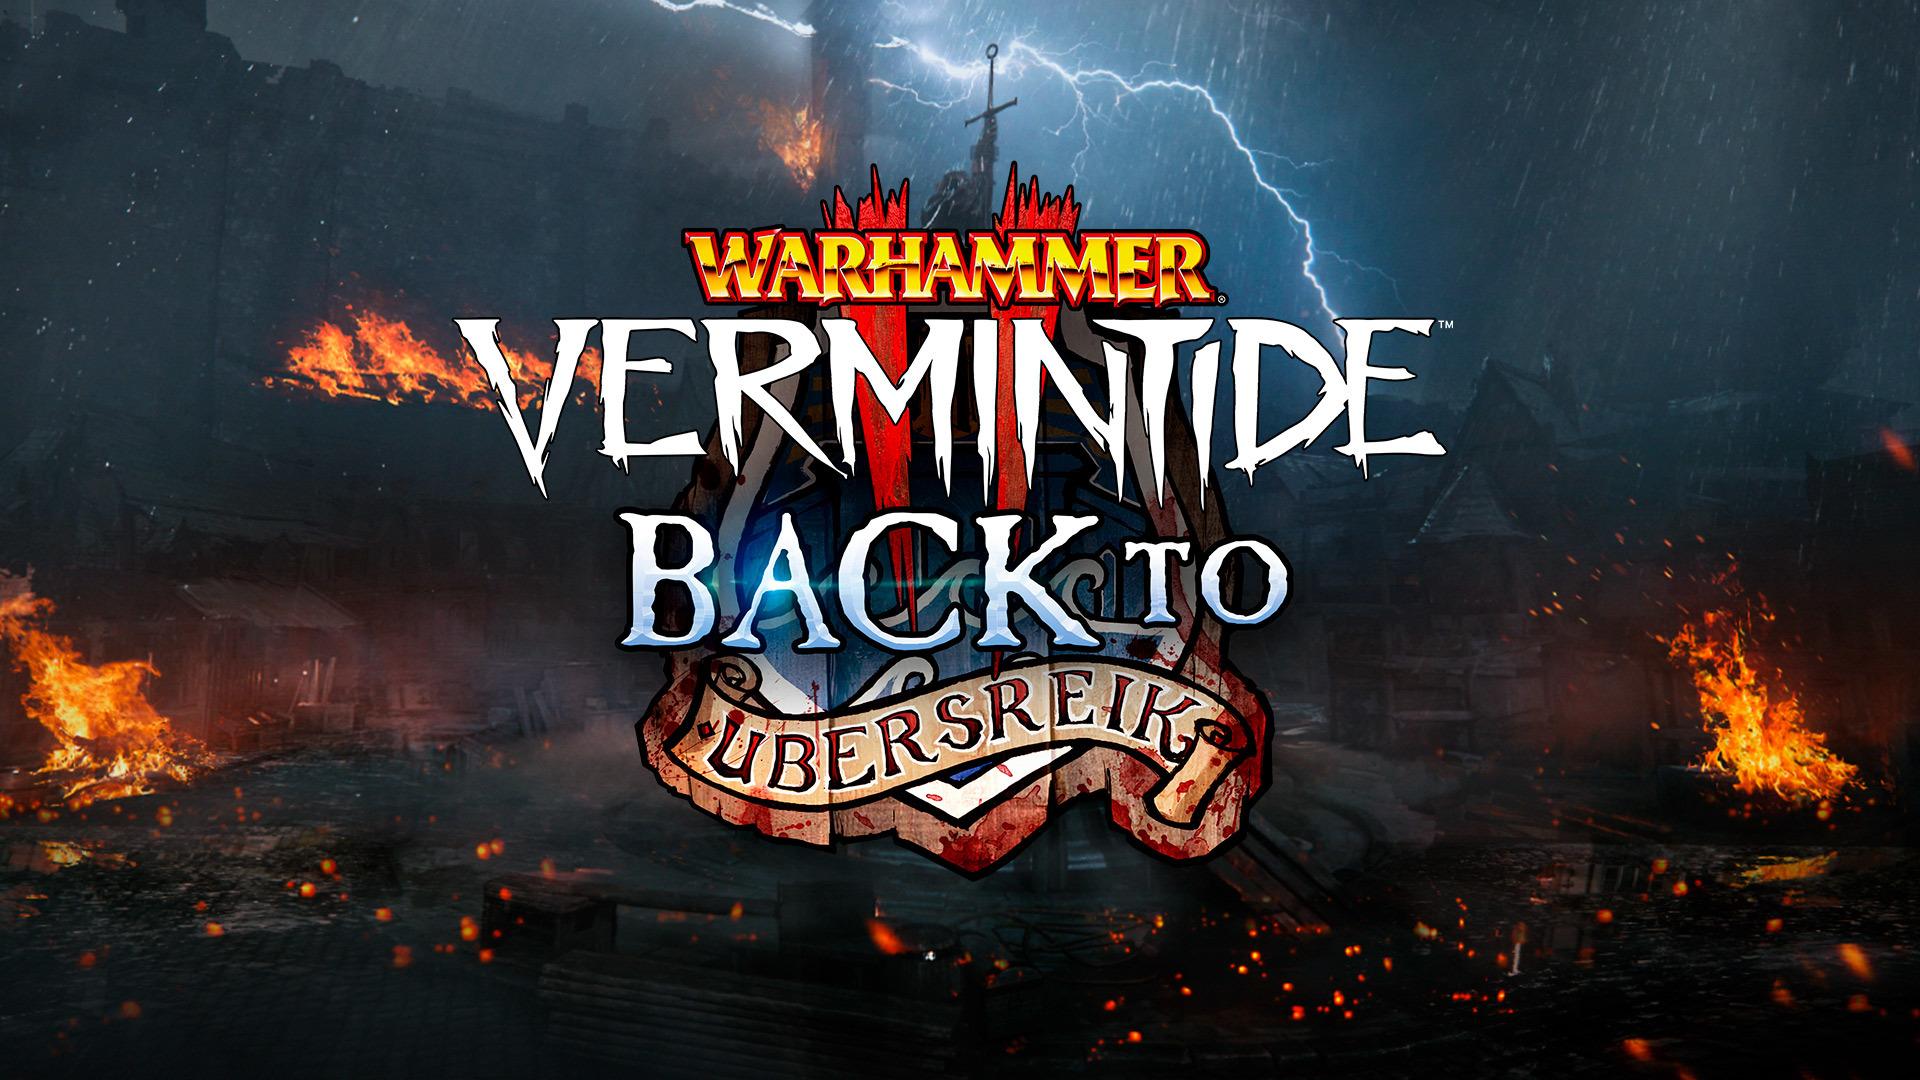 Warhammer Vermintide 2 - Back to Ubersreik